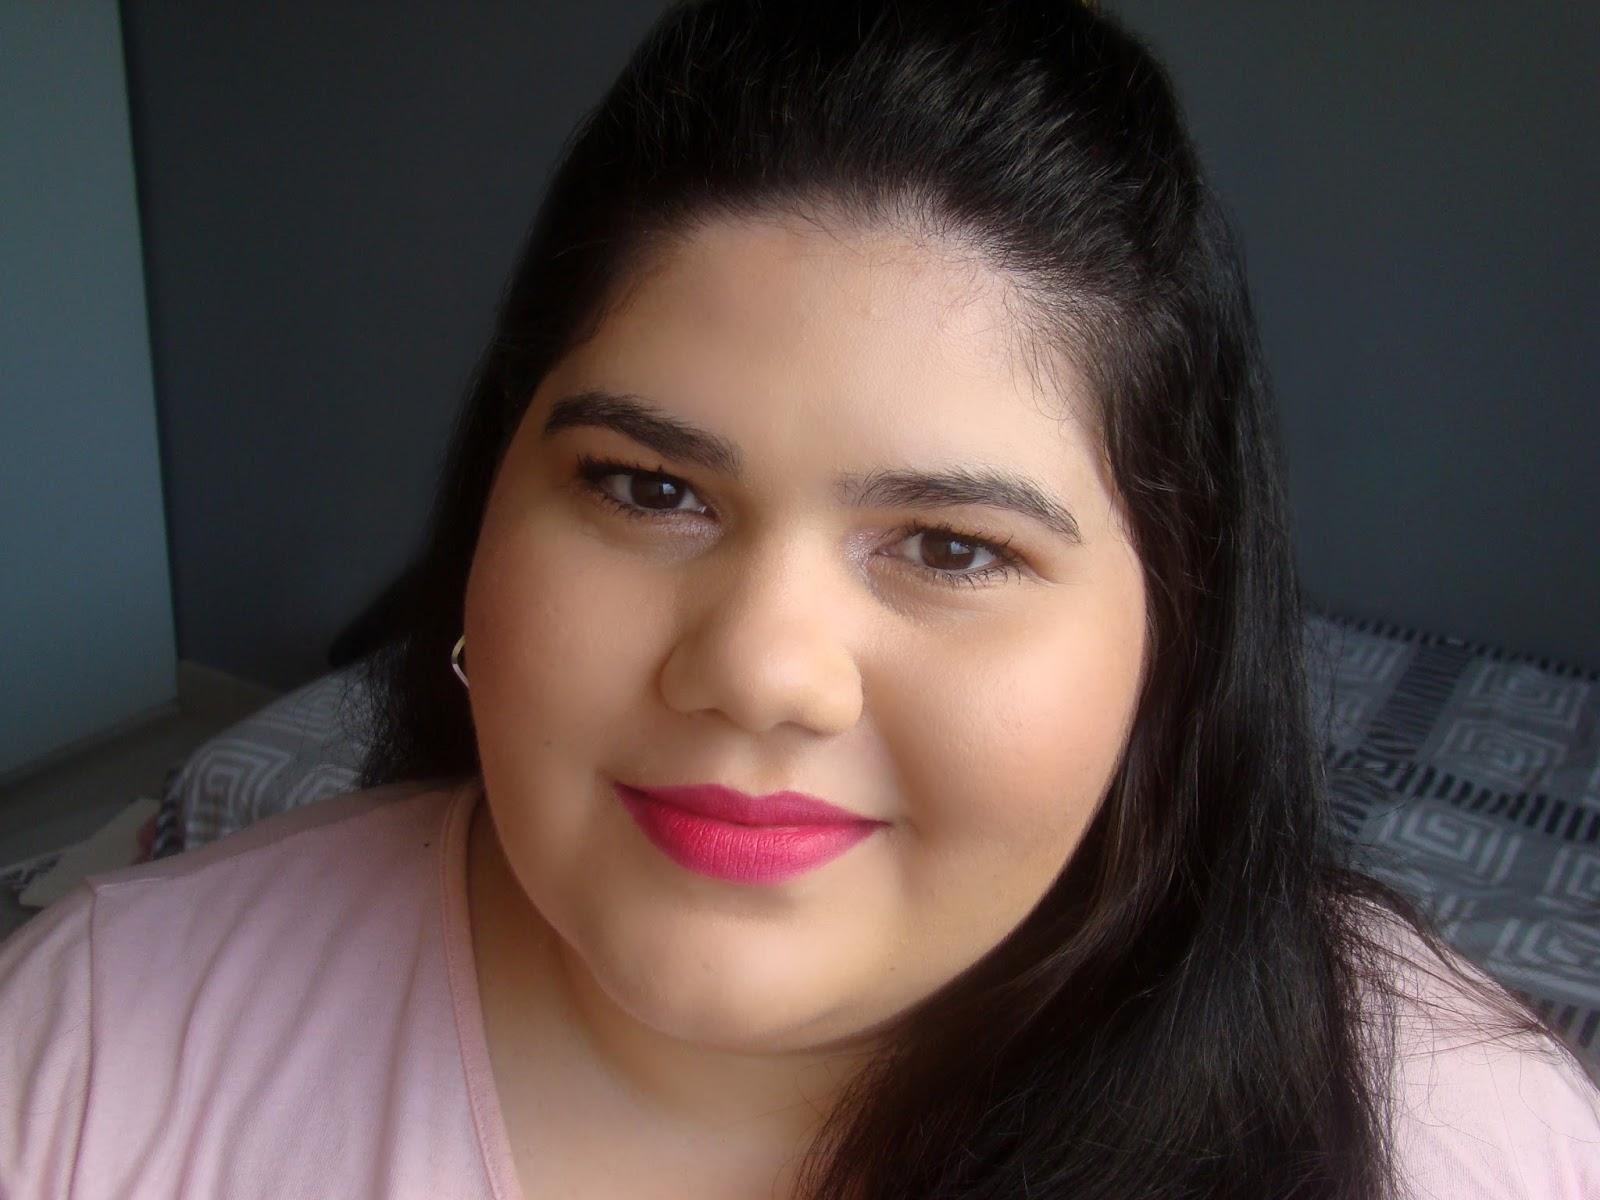 Batons Favorito nº23 colors by apple lápis lábial cryon lipstick maquiagem makeup beleza